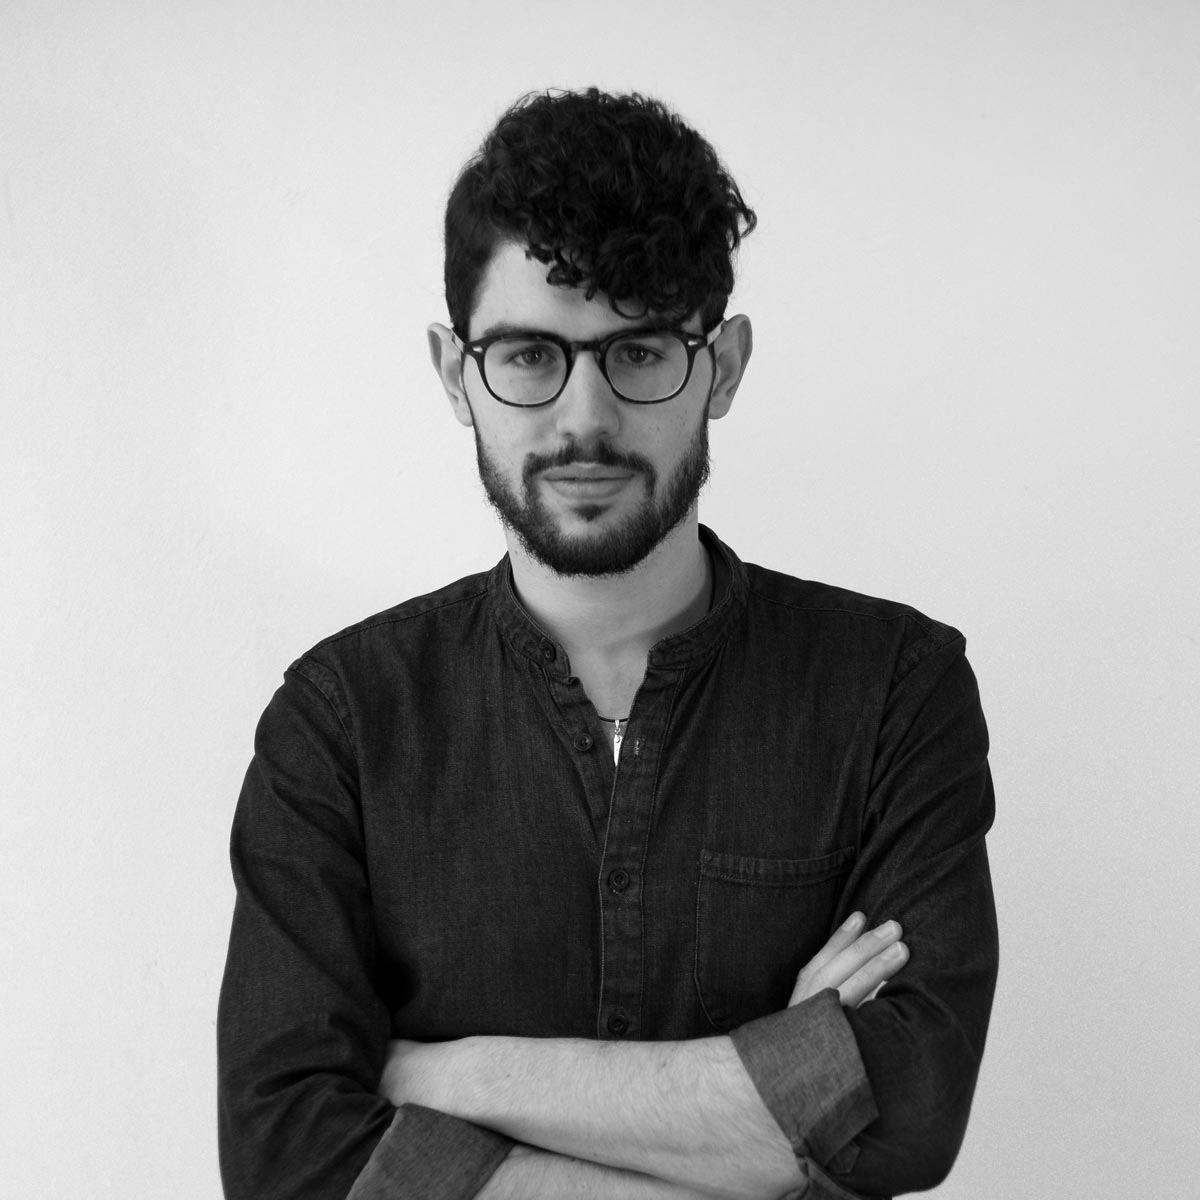 Paolo Fabio Ciarfuglia